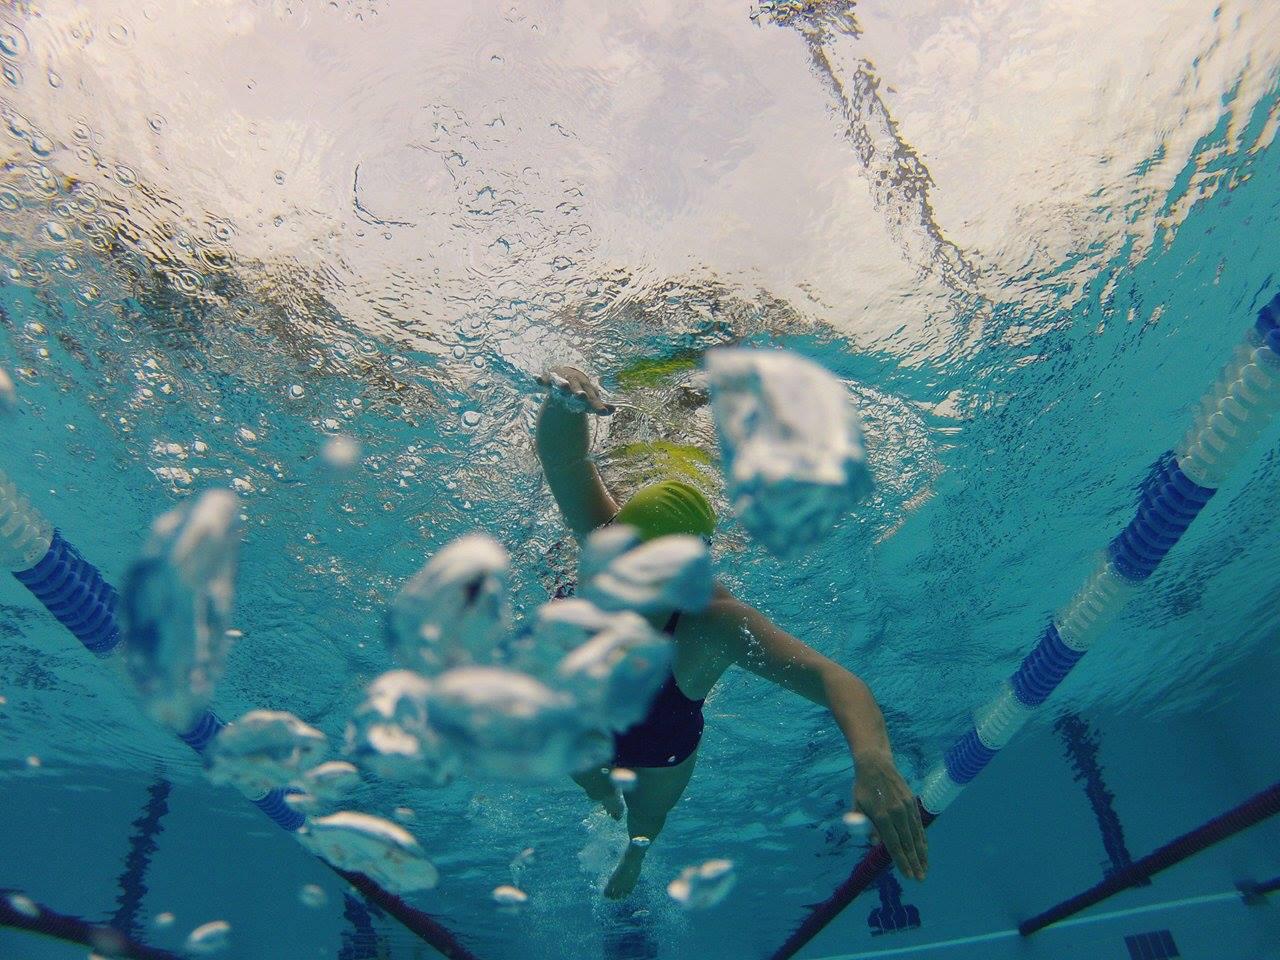 klara-fuchs-underwater-training